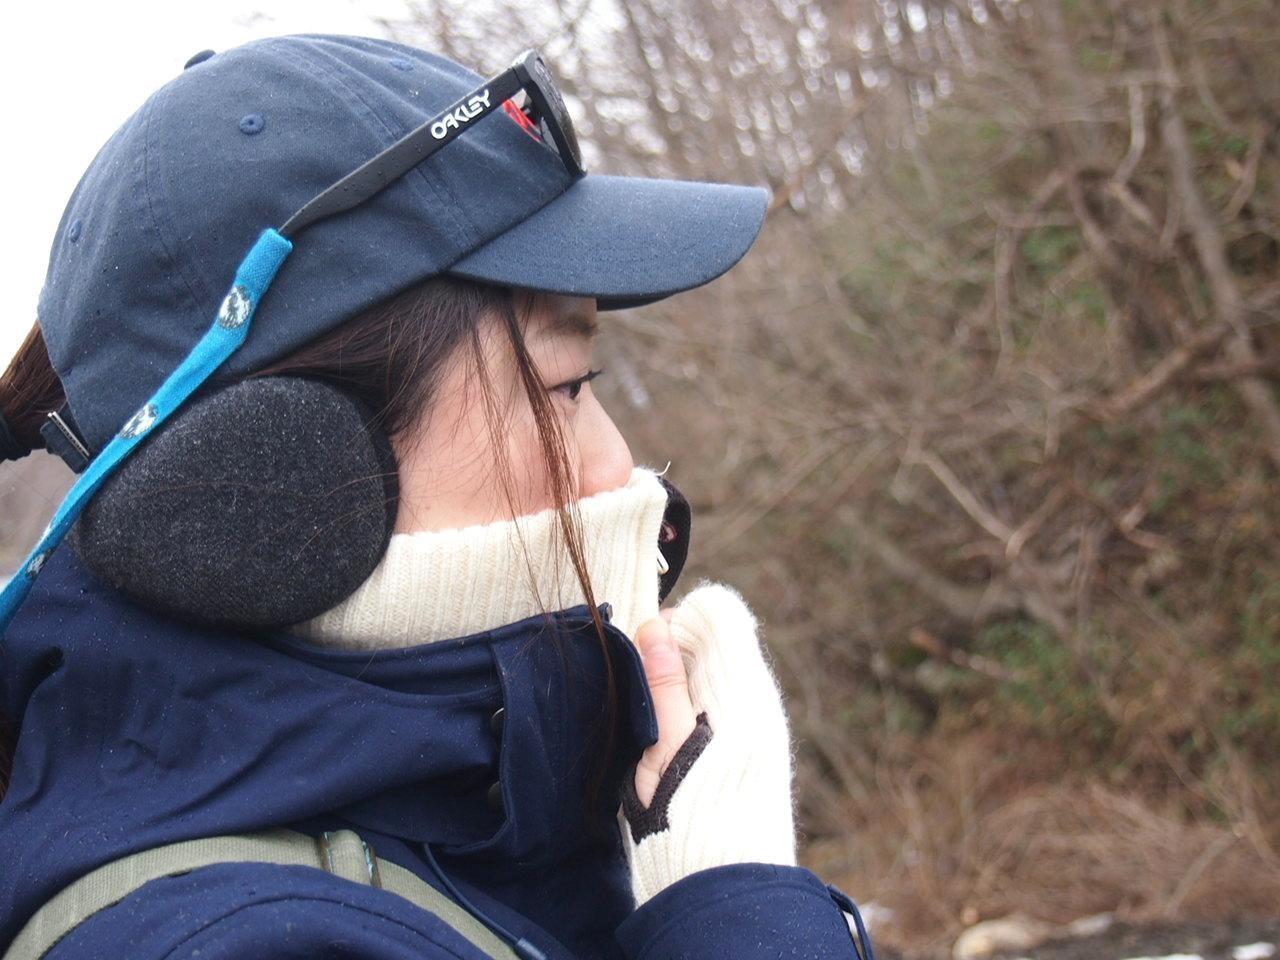 Ulvang ウルバンのRAVセーターを極寒の管理釣り場でお試し!使用感レビュー!